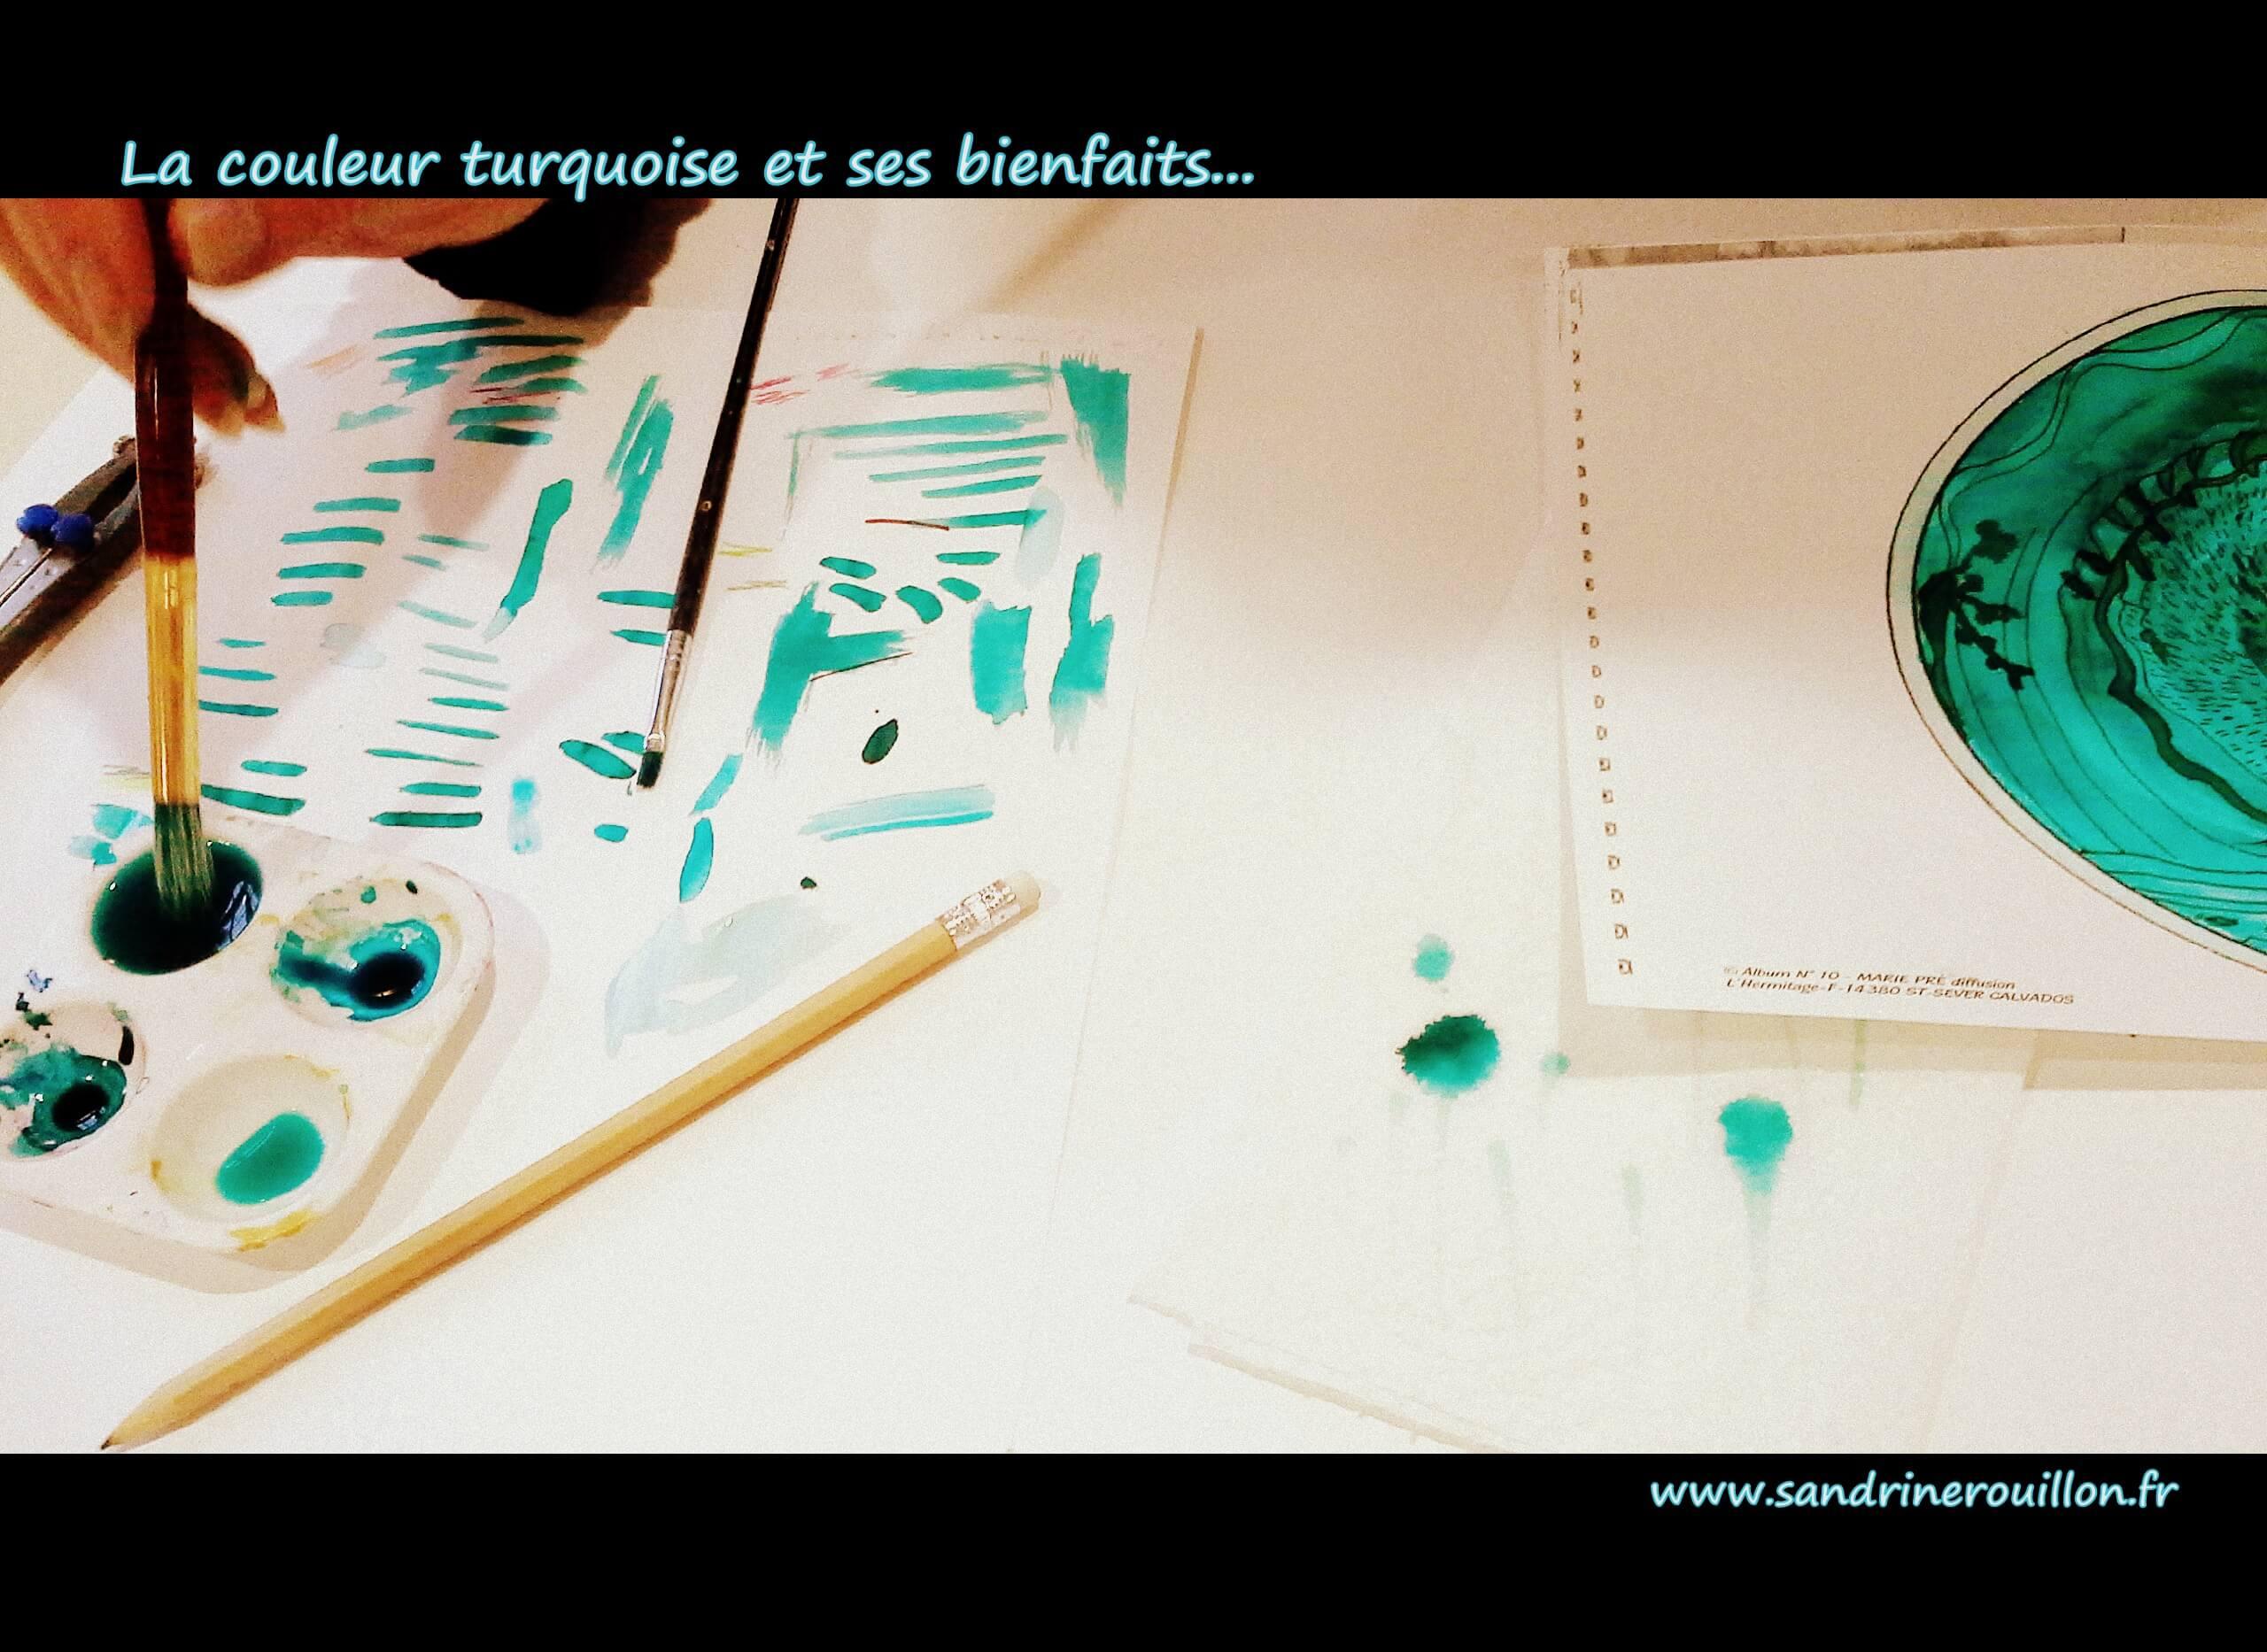 la couleur turquoise et ses bienfaits sandrine rouillon. Black Bedroom Furniture Sets. Home Design Ideas